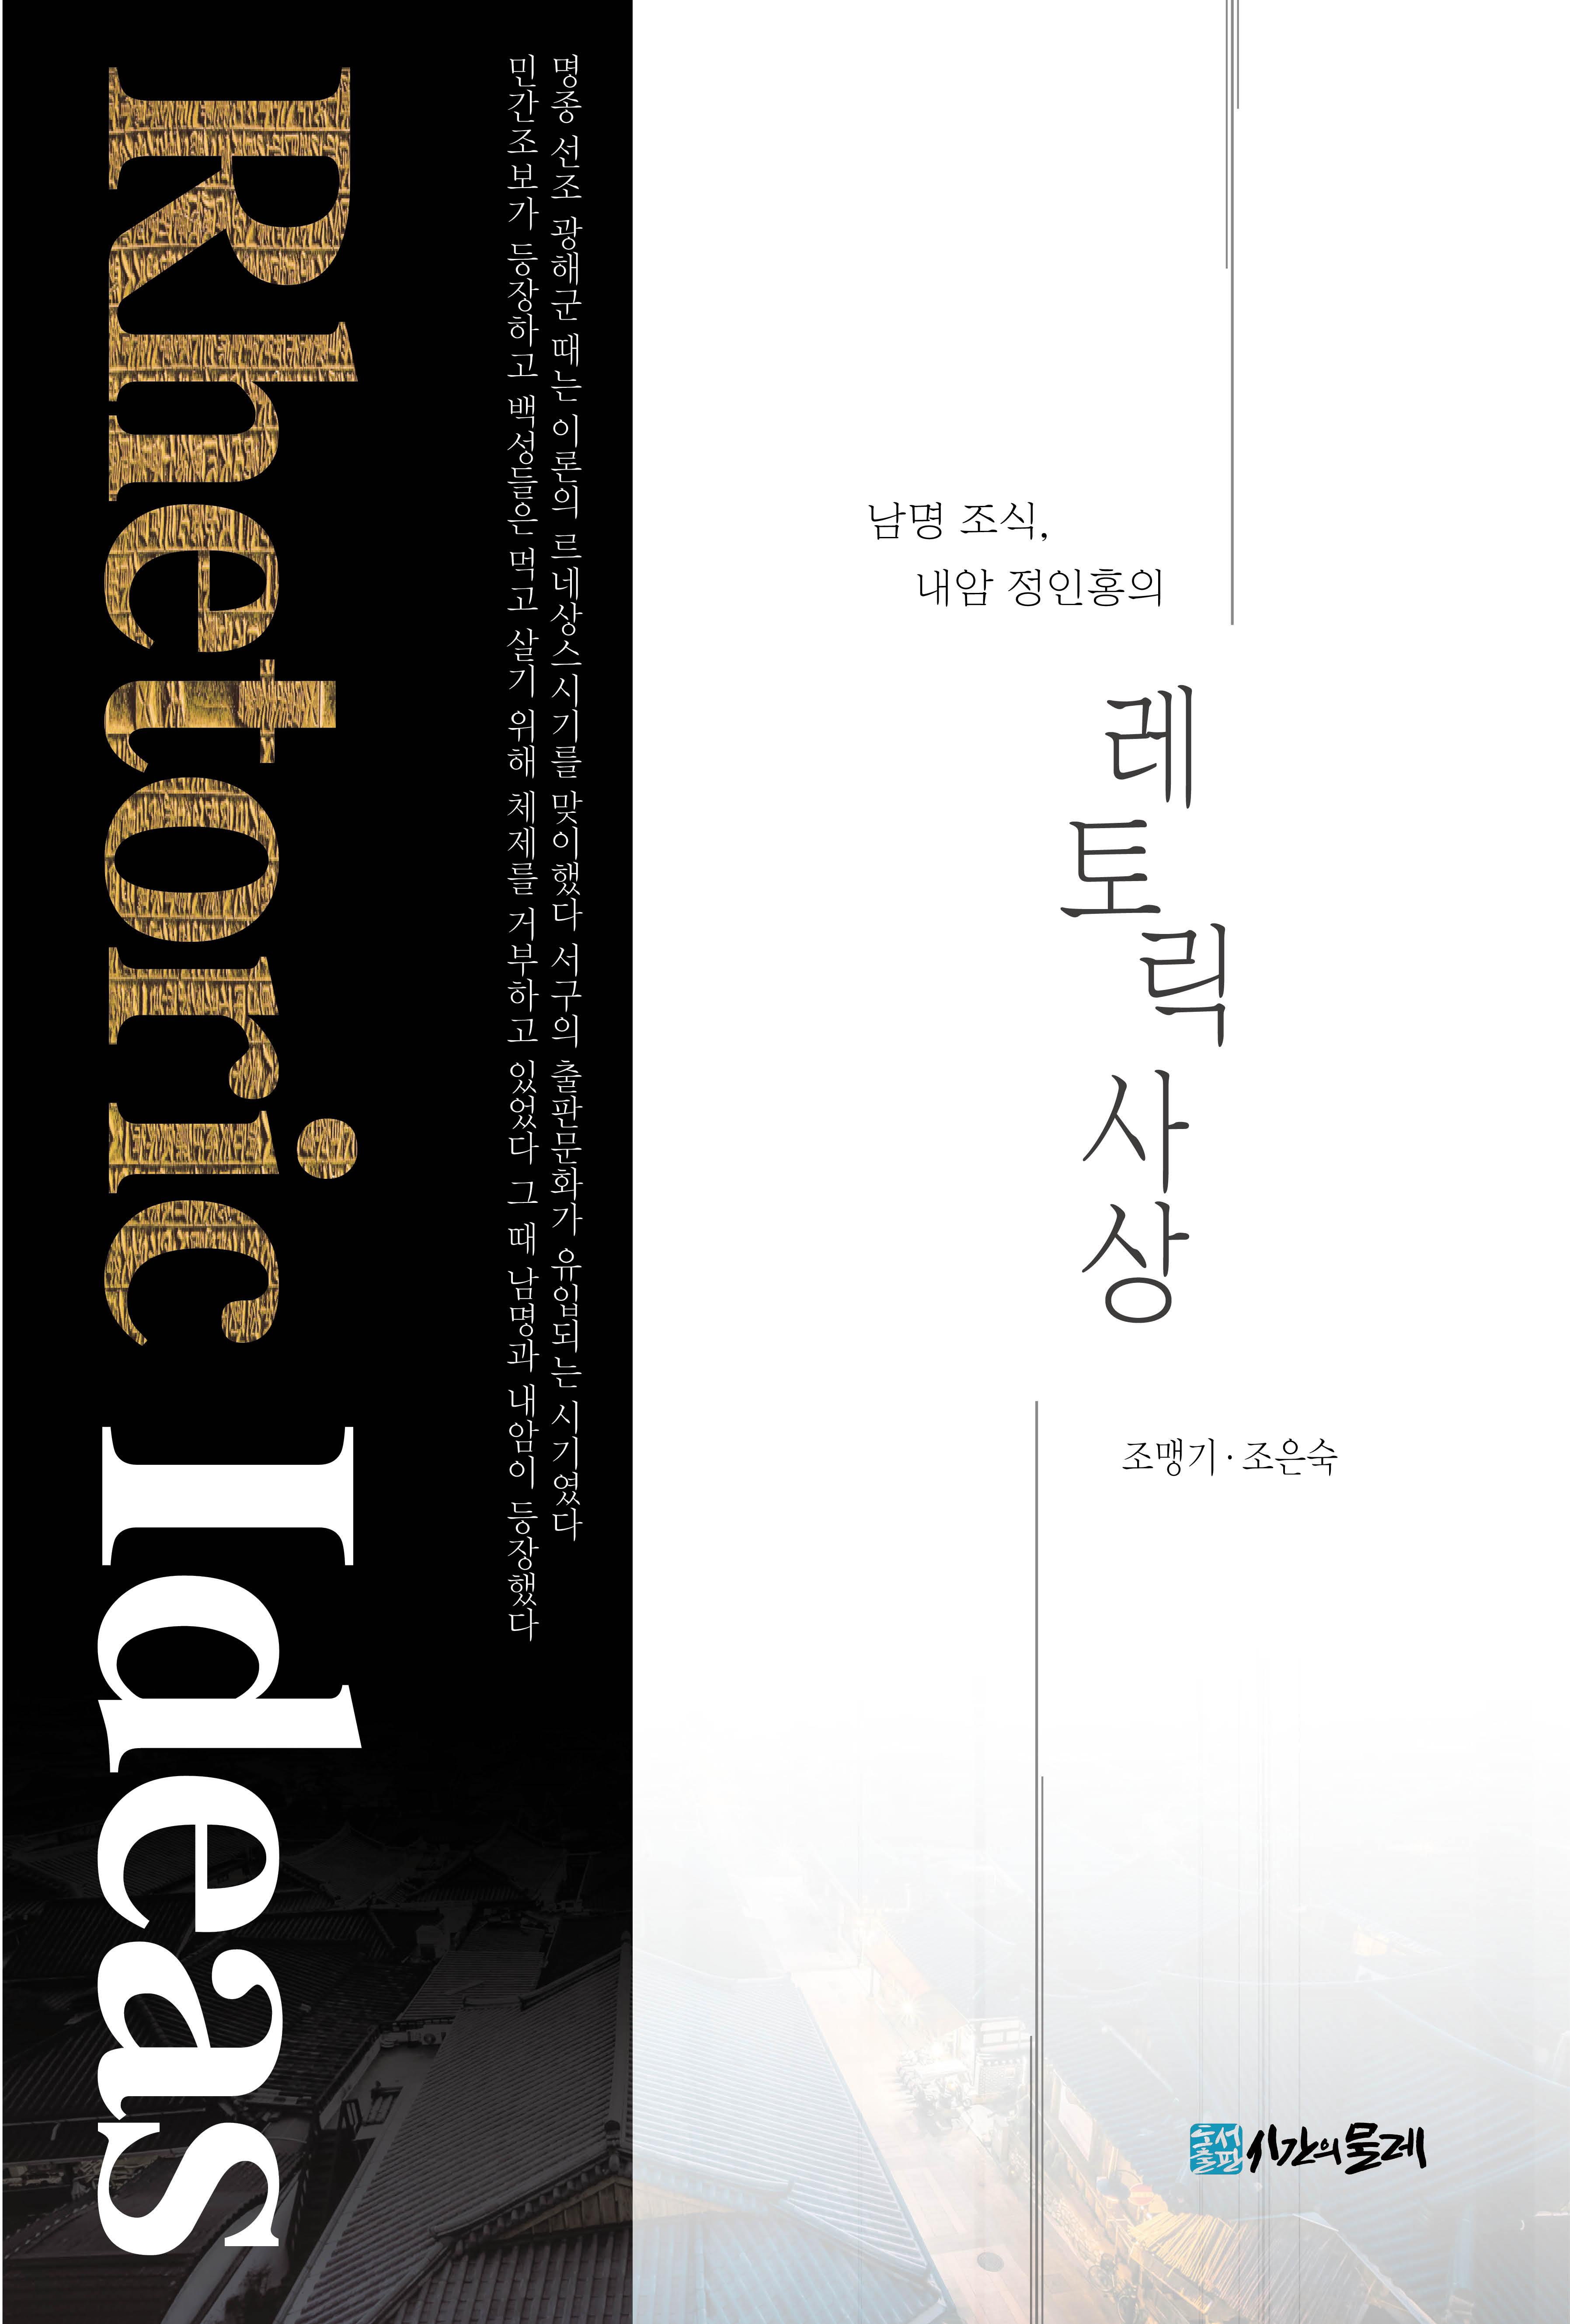 남명 조식, 내암 정인홍의 레토릭 사상